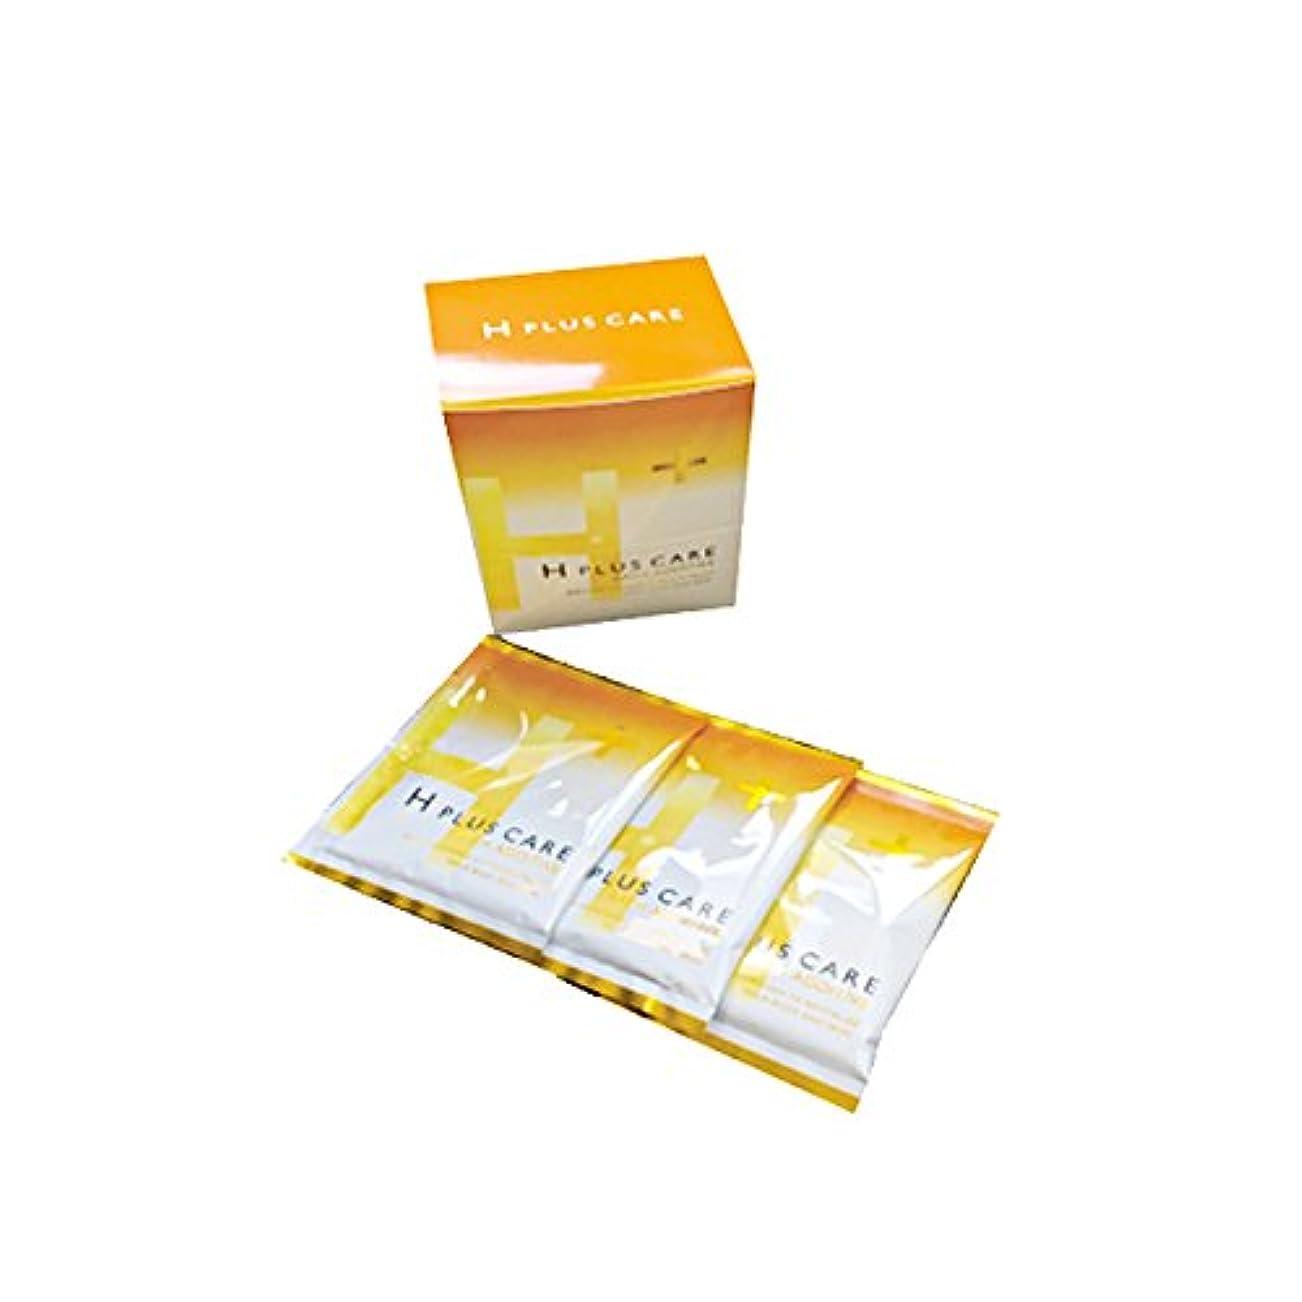 トラブルうまくいけば買い物に行く水素浴用剤 H PLUS CARE(エイチプラスケア) 450g(45g×10包) アンタレス